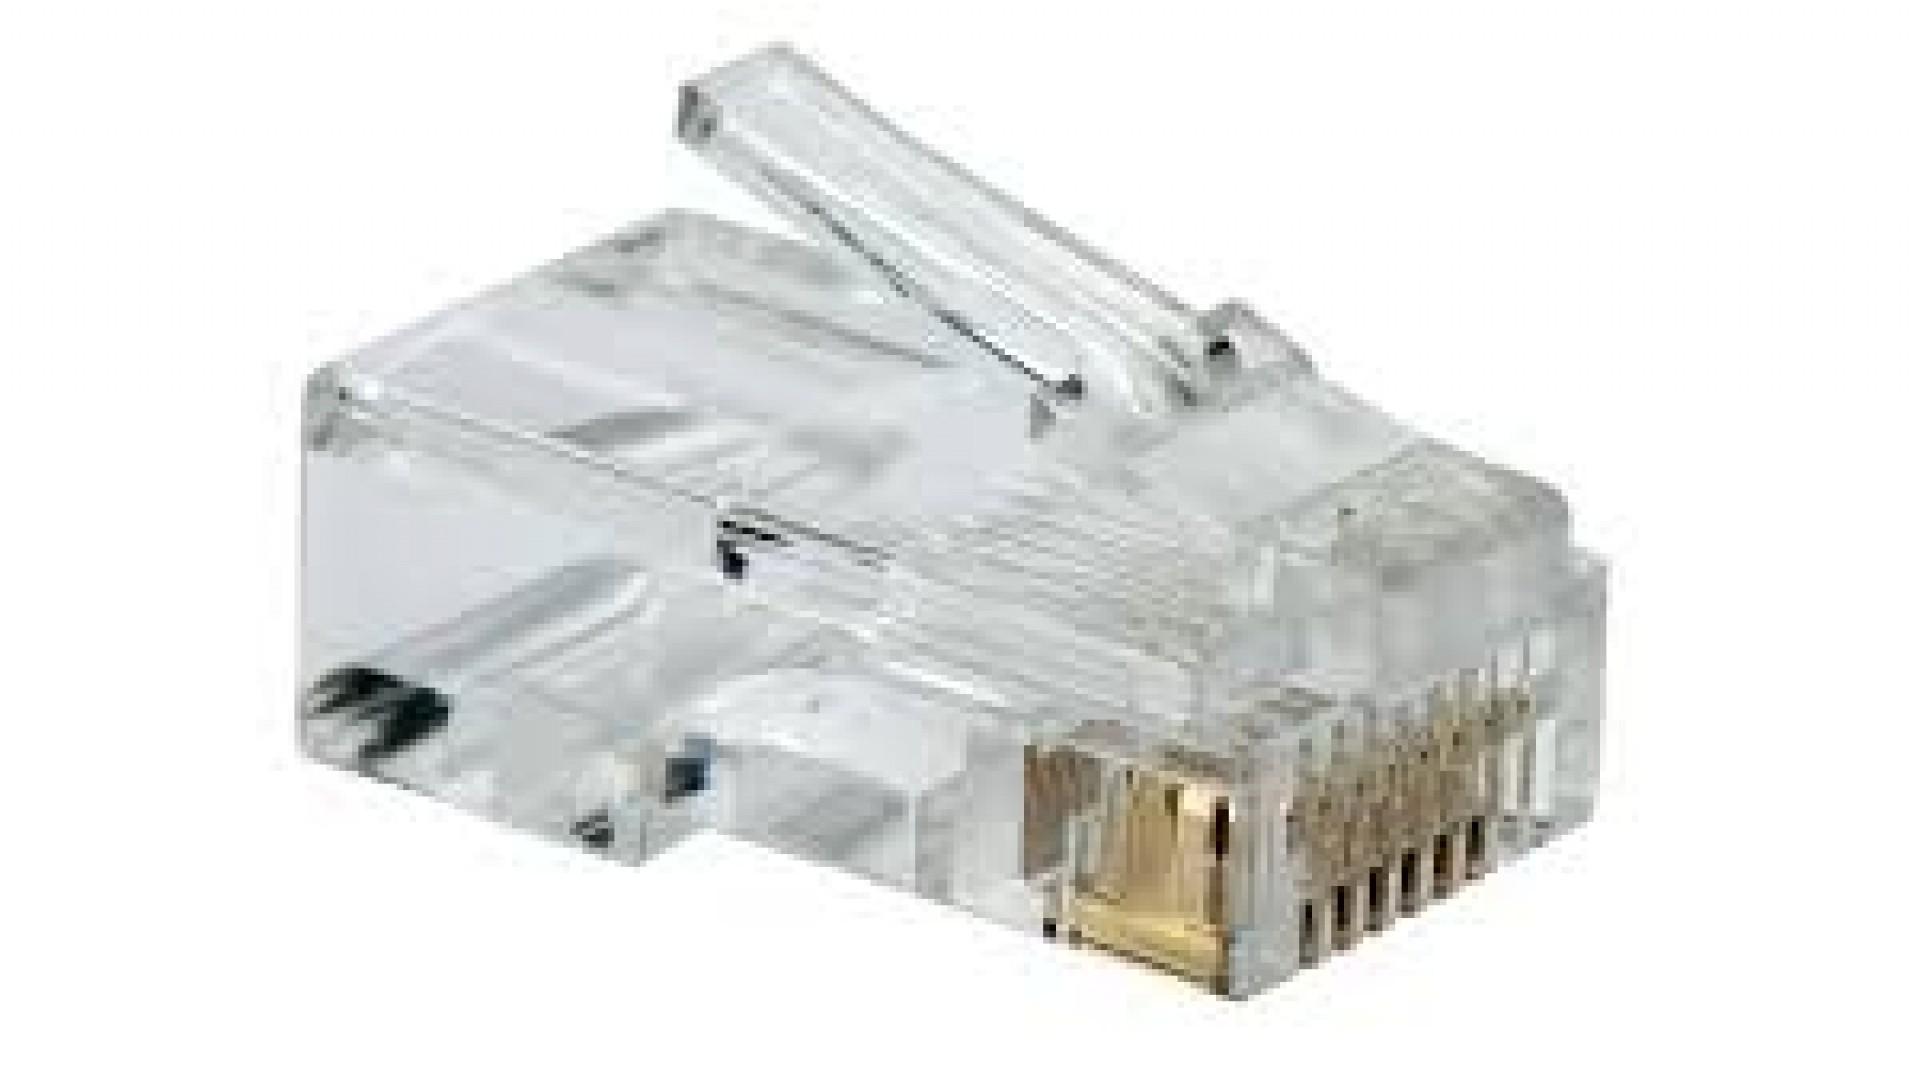 rj 45 cat6 wiring diagram vivint smart thermostat rj45 connector 50 pcs